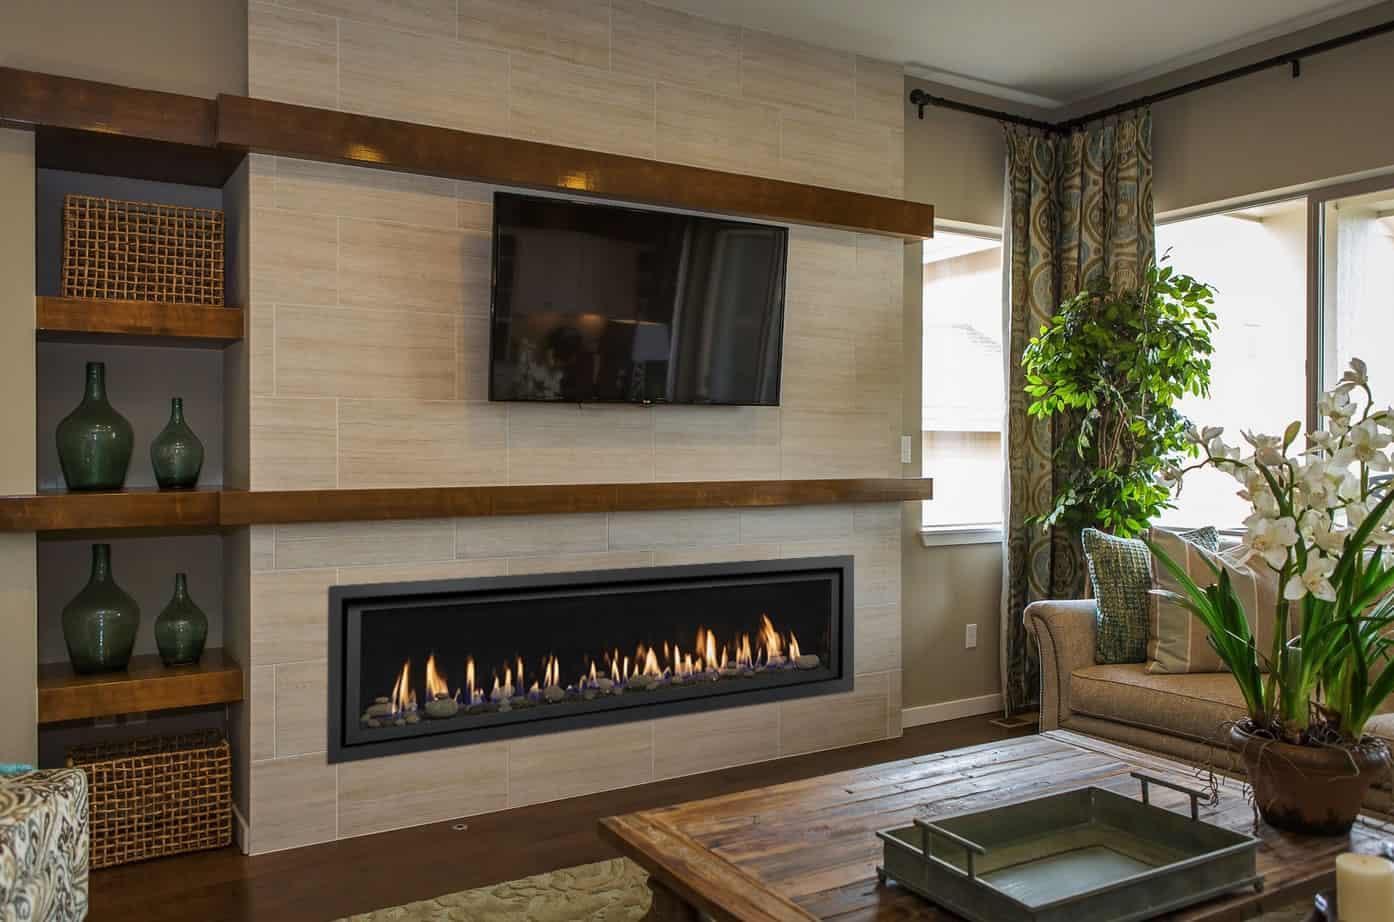 6015 HO GSR2 Gas Fireplace - Best of Houzz 2019 Design 2